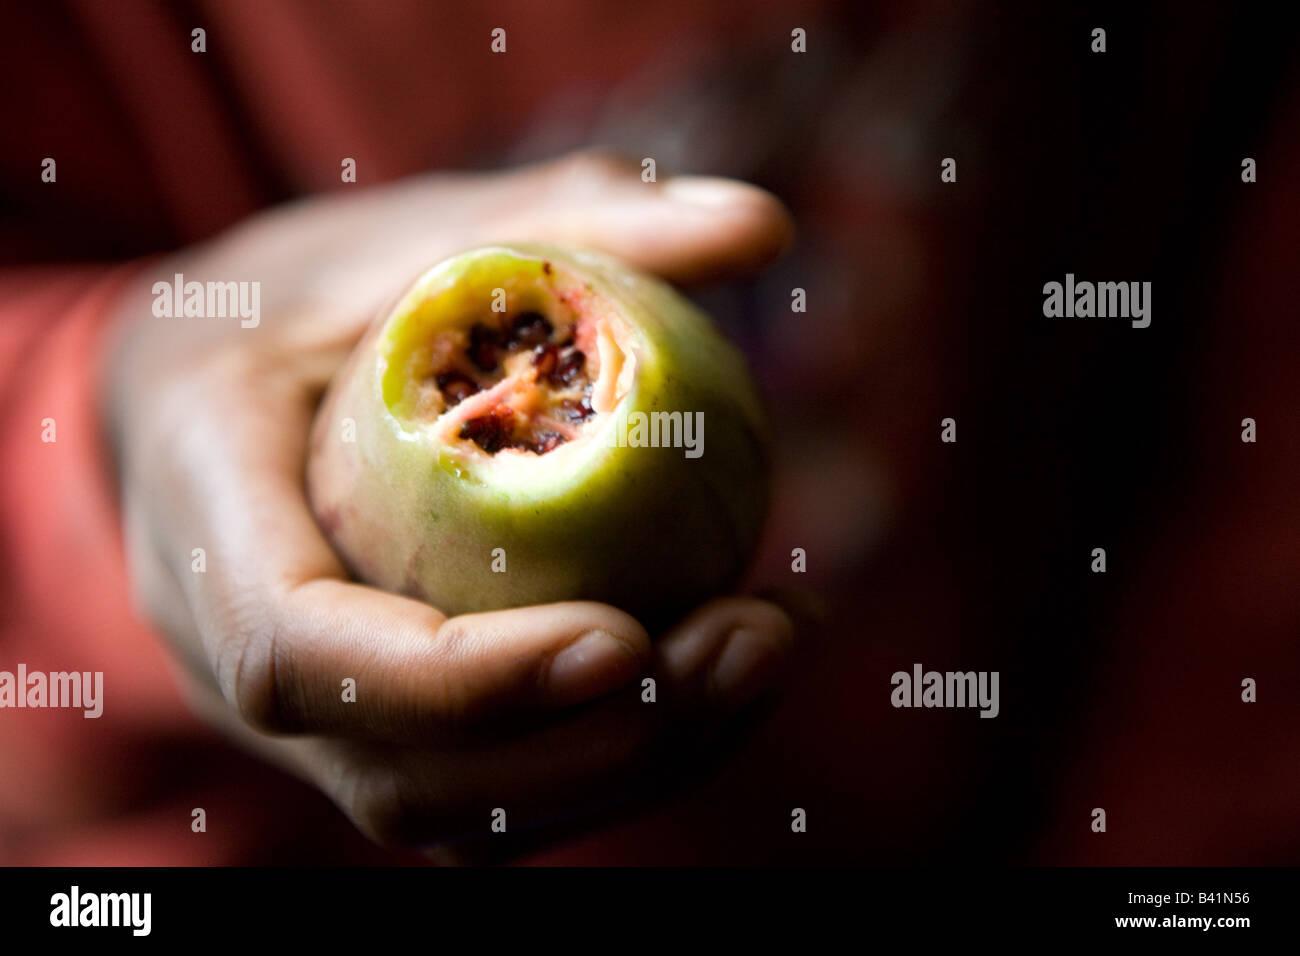 A young Rwandan girl eats a favorite fruit. - Stock Image